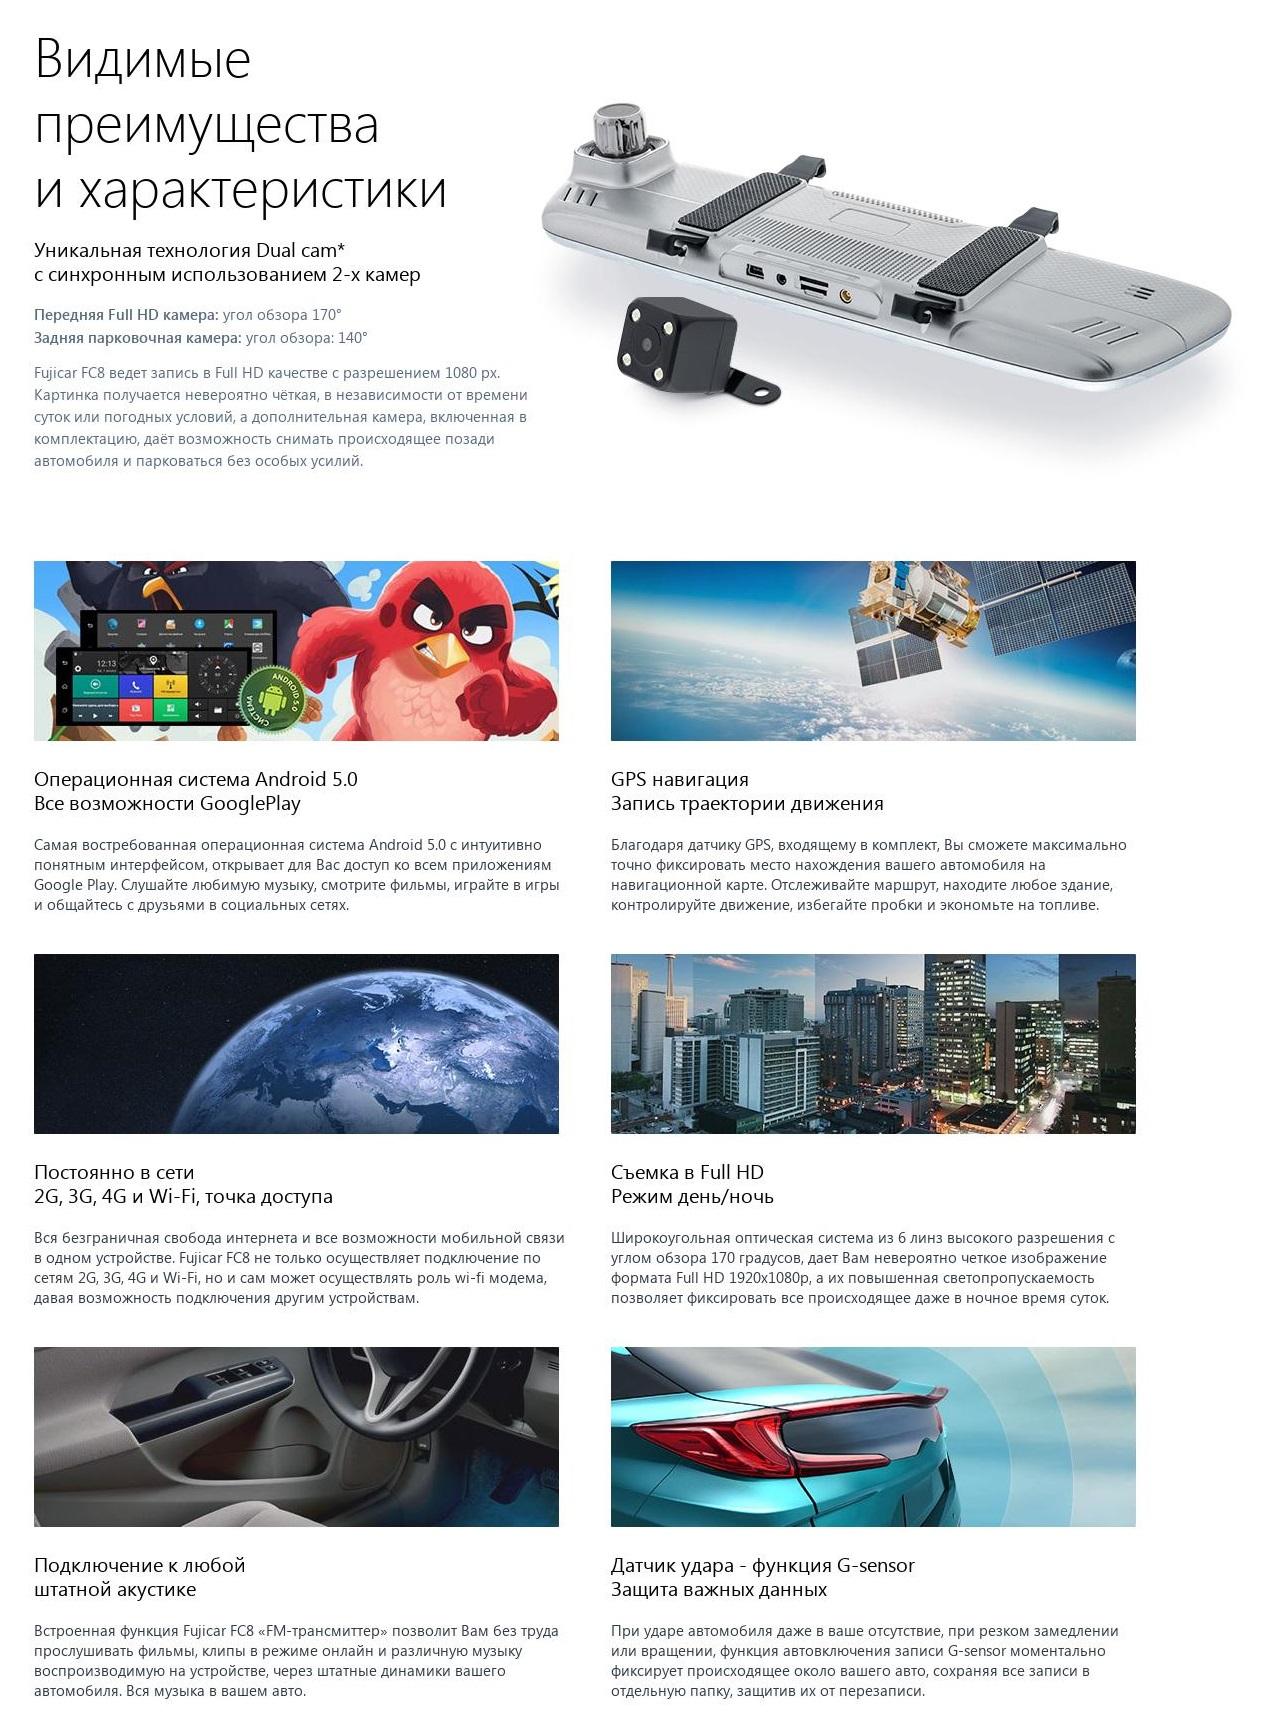 Основные возможности Fujicar FC8